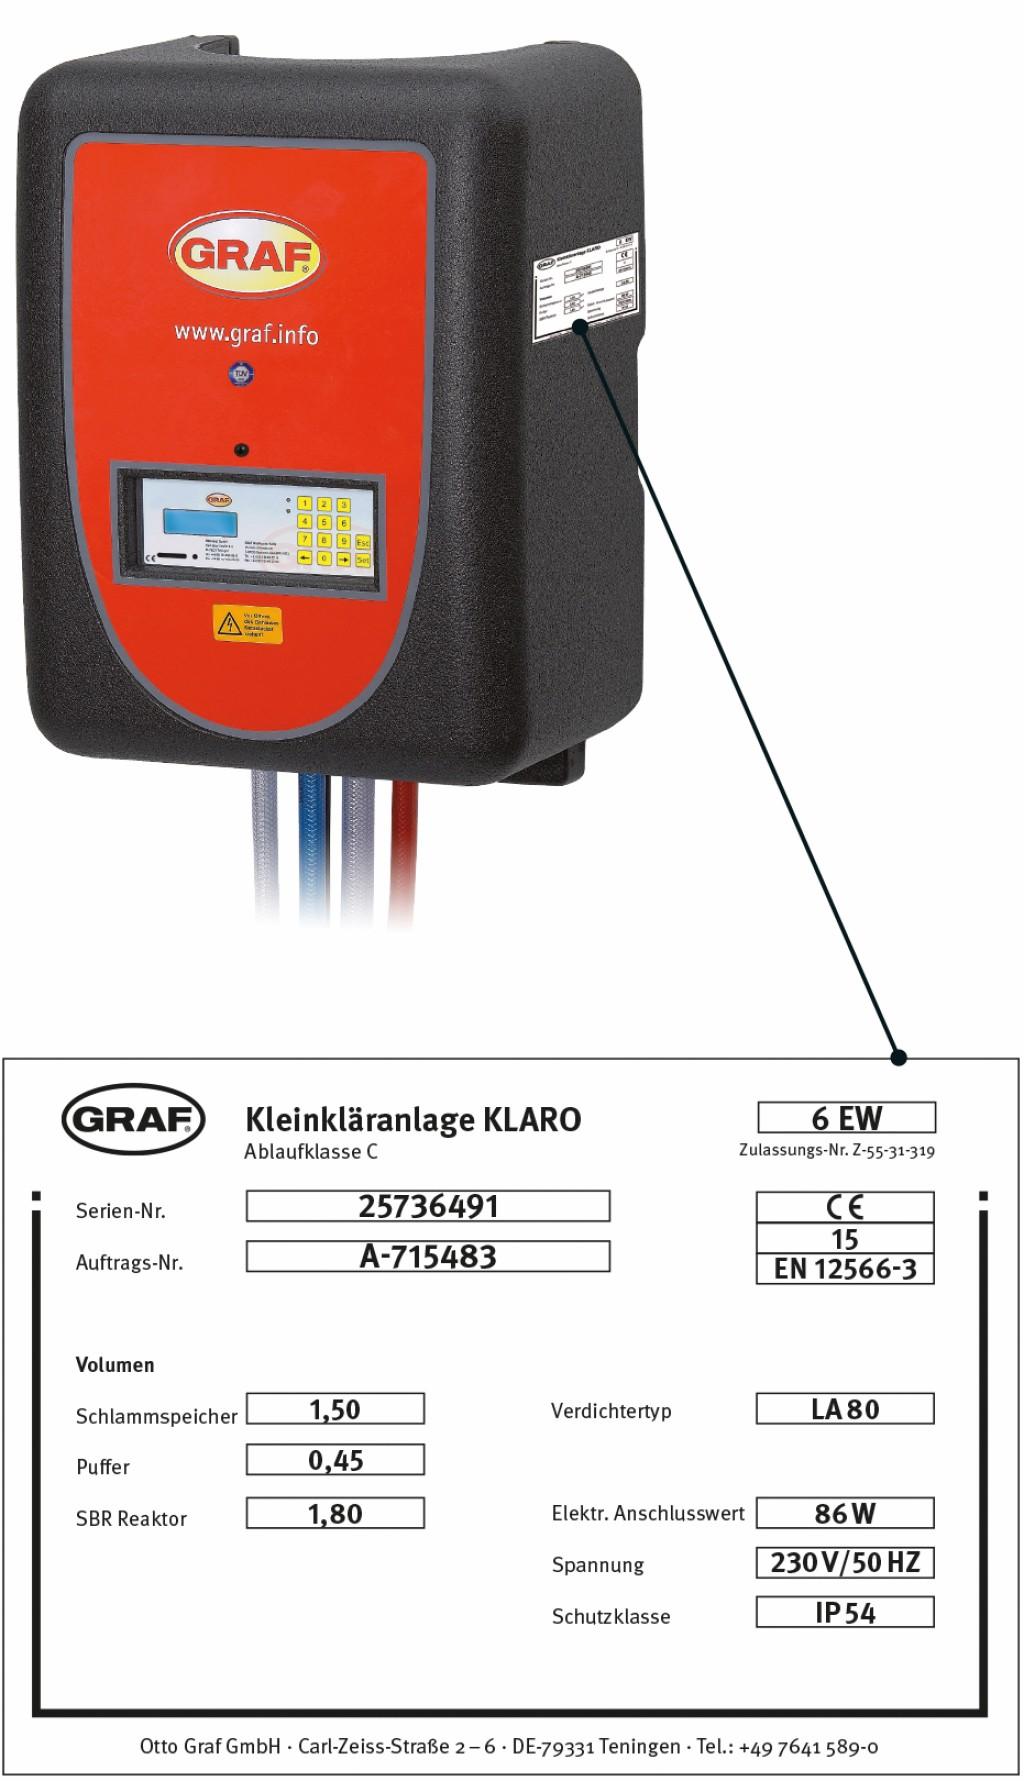 CE-Kennzeichnung am Schaltschrank.Bild: Graf